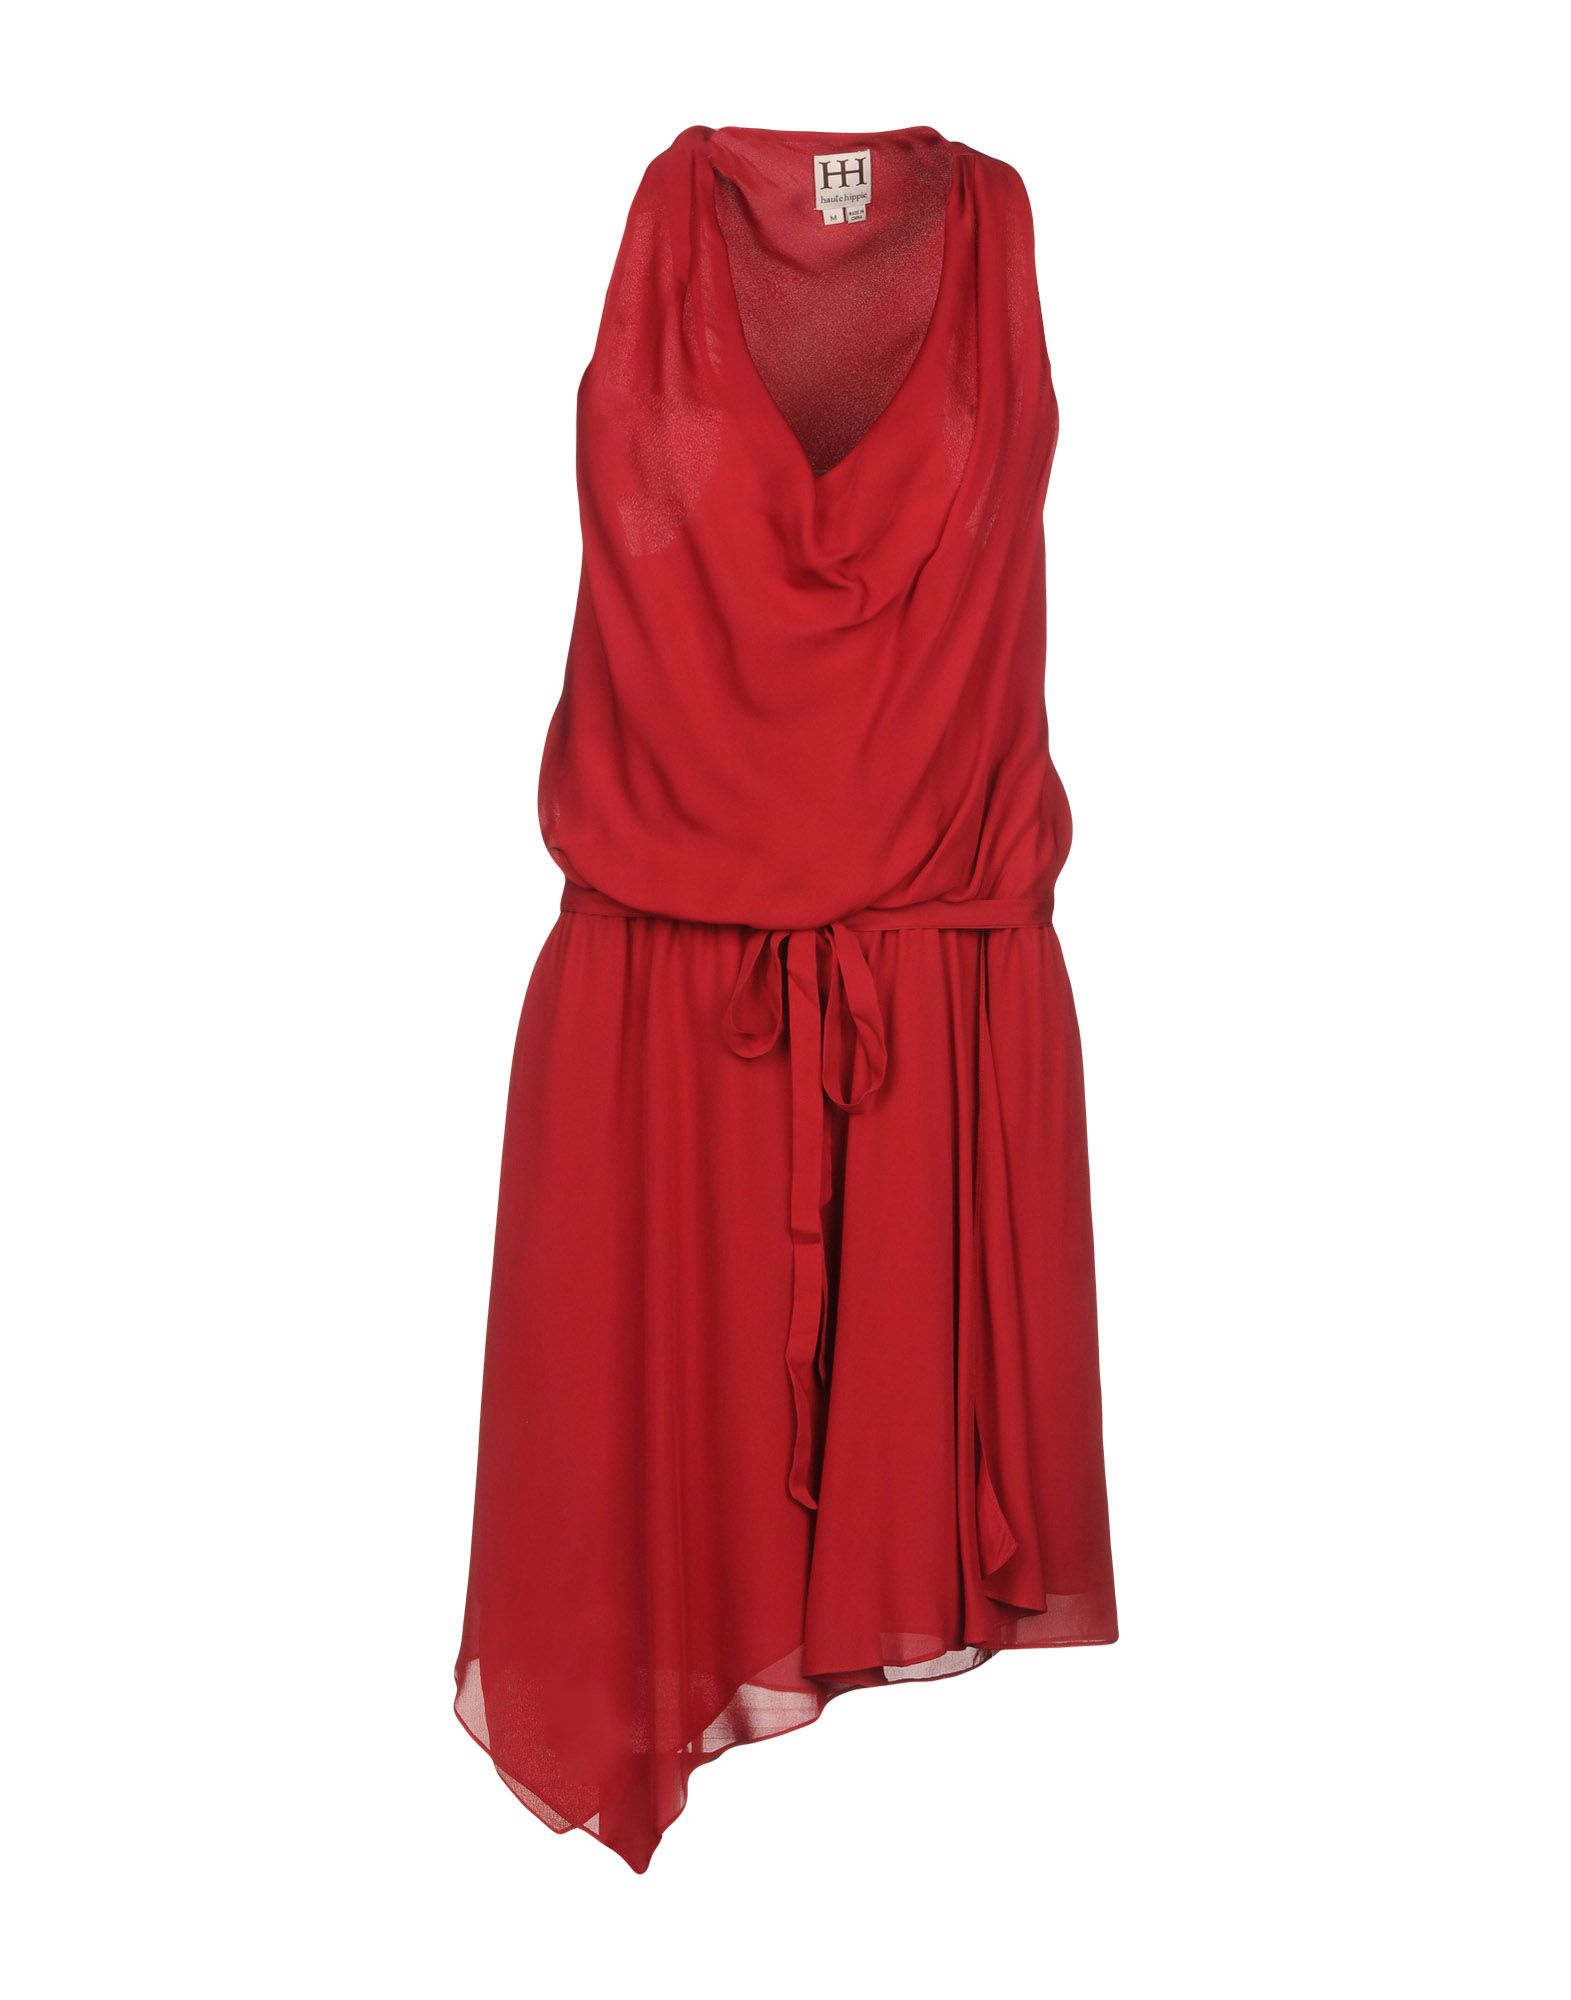 HAUTE HIPPIE Damen Kurzes Kleid Farbe Ziegelrot Größe 5